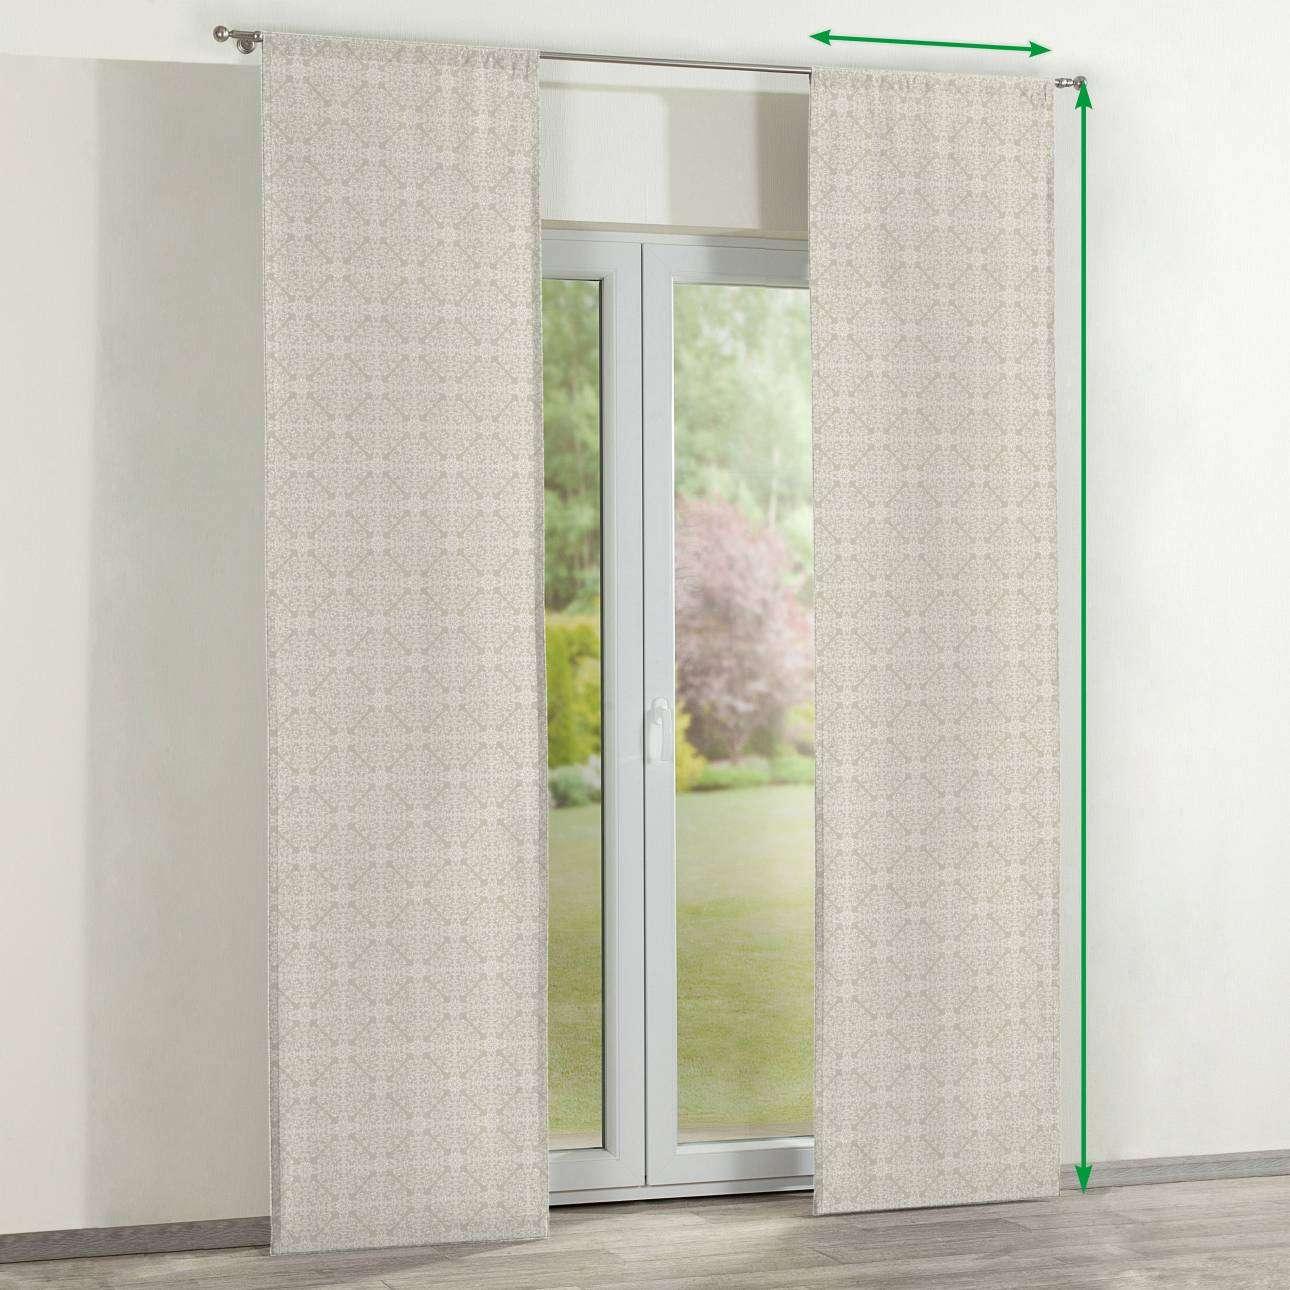 Zasłony panelowe 2 szt. w kolekcji Flowers, tkanina: 140-39